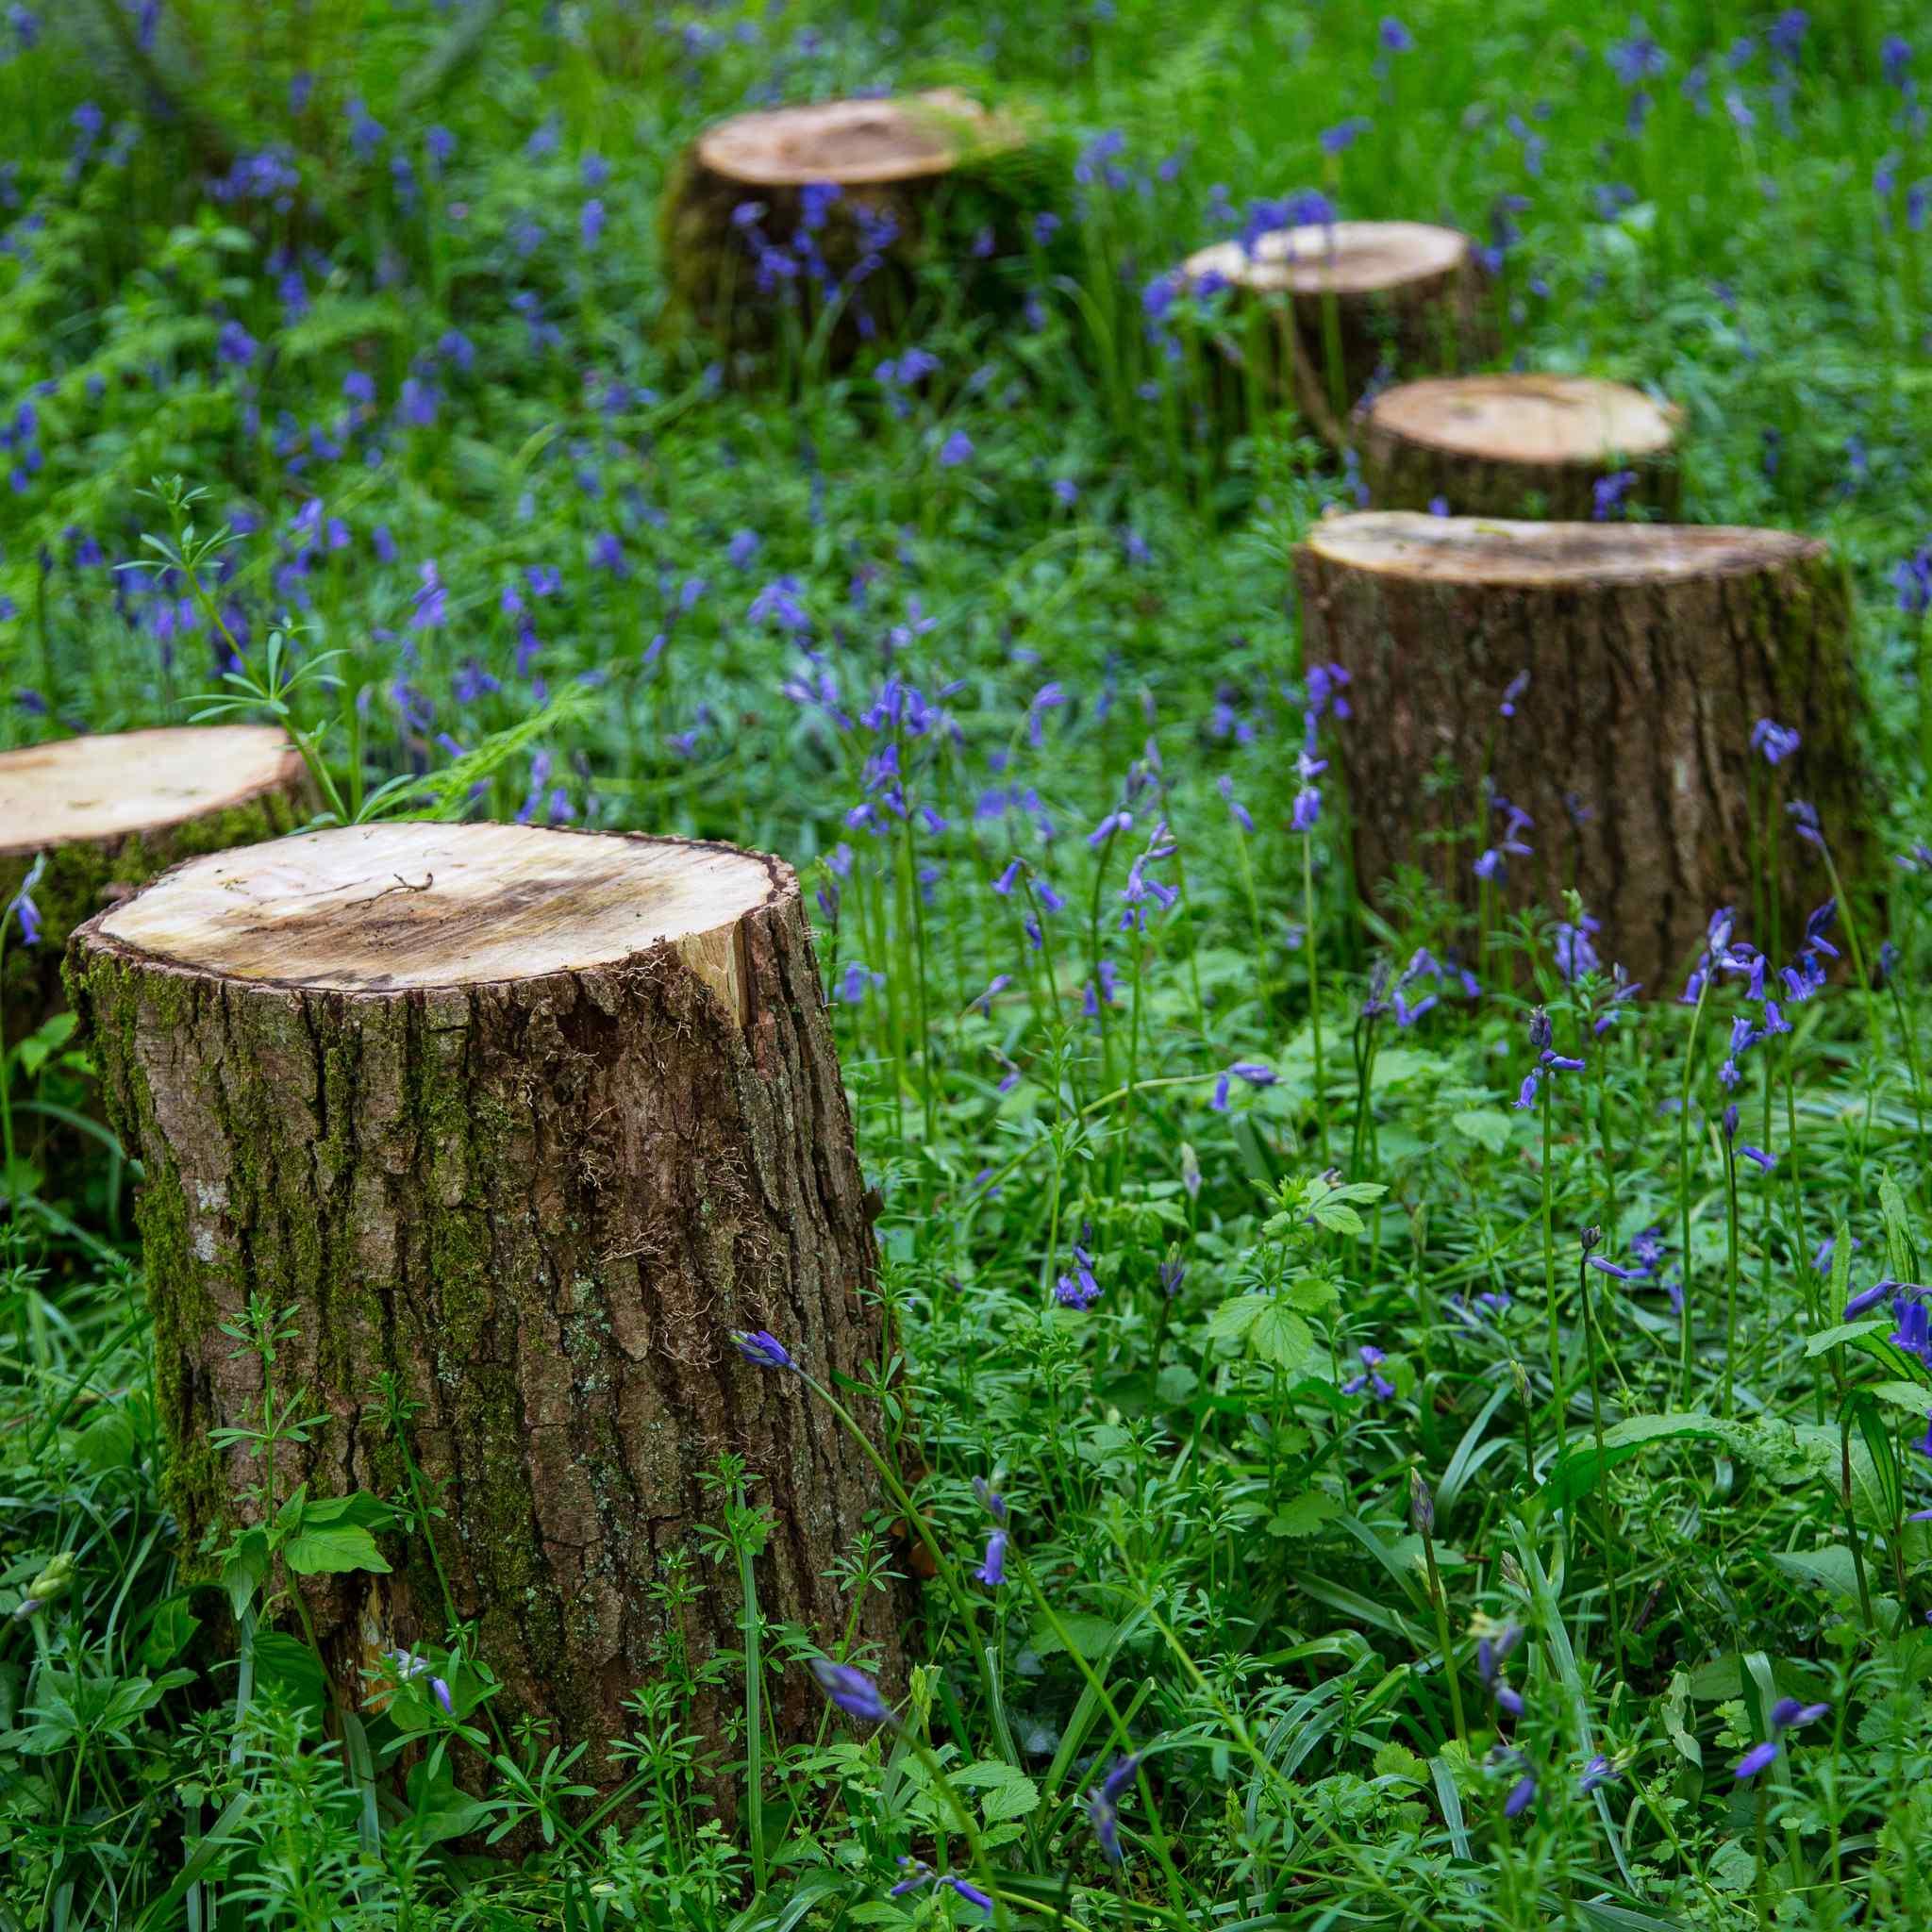 Stumps for woodland picnics